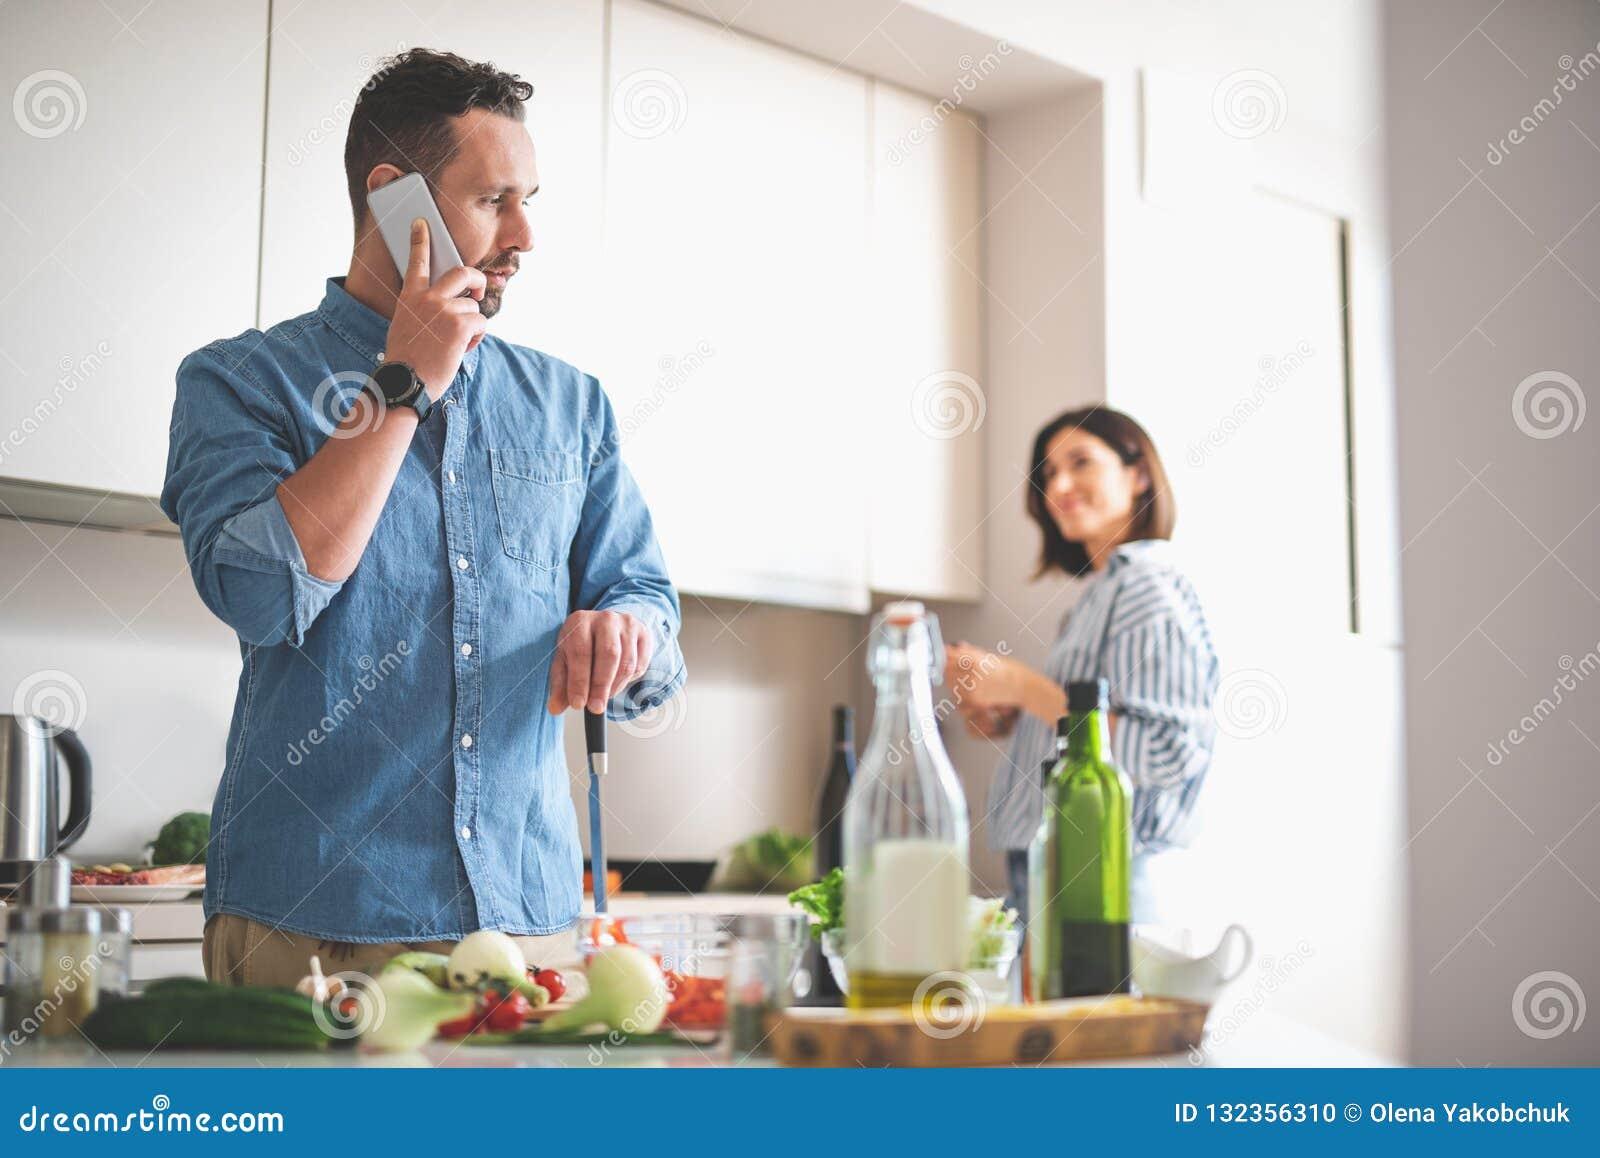 Caballero barbudo hermoso que habla en el teléfono móvil en cocina